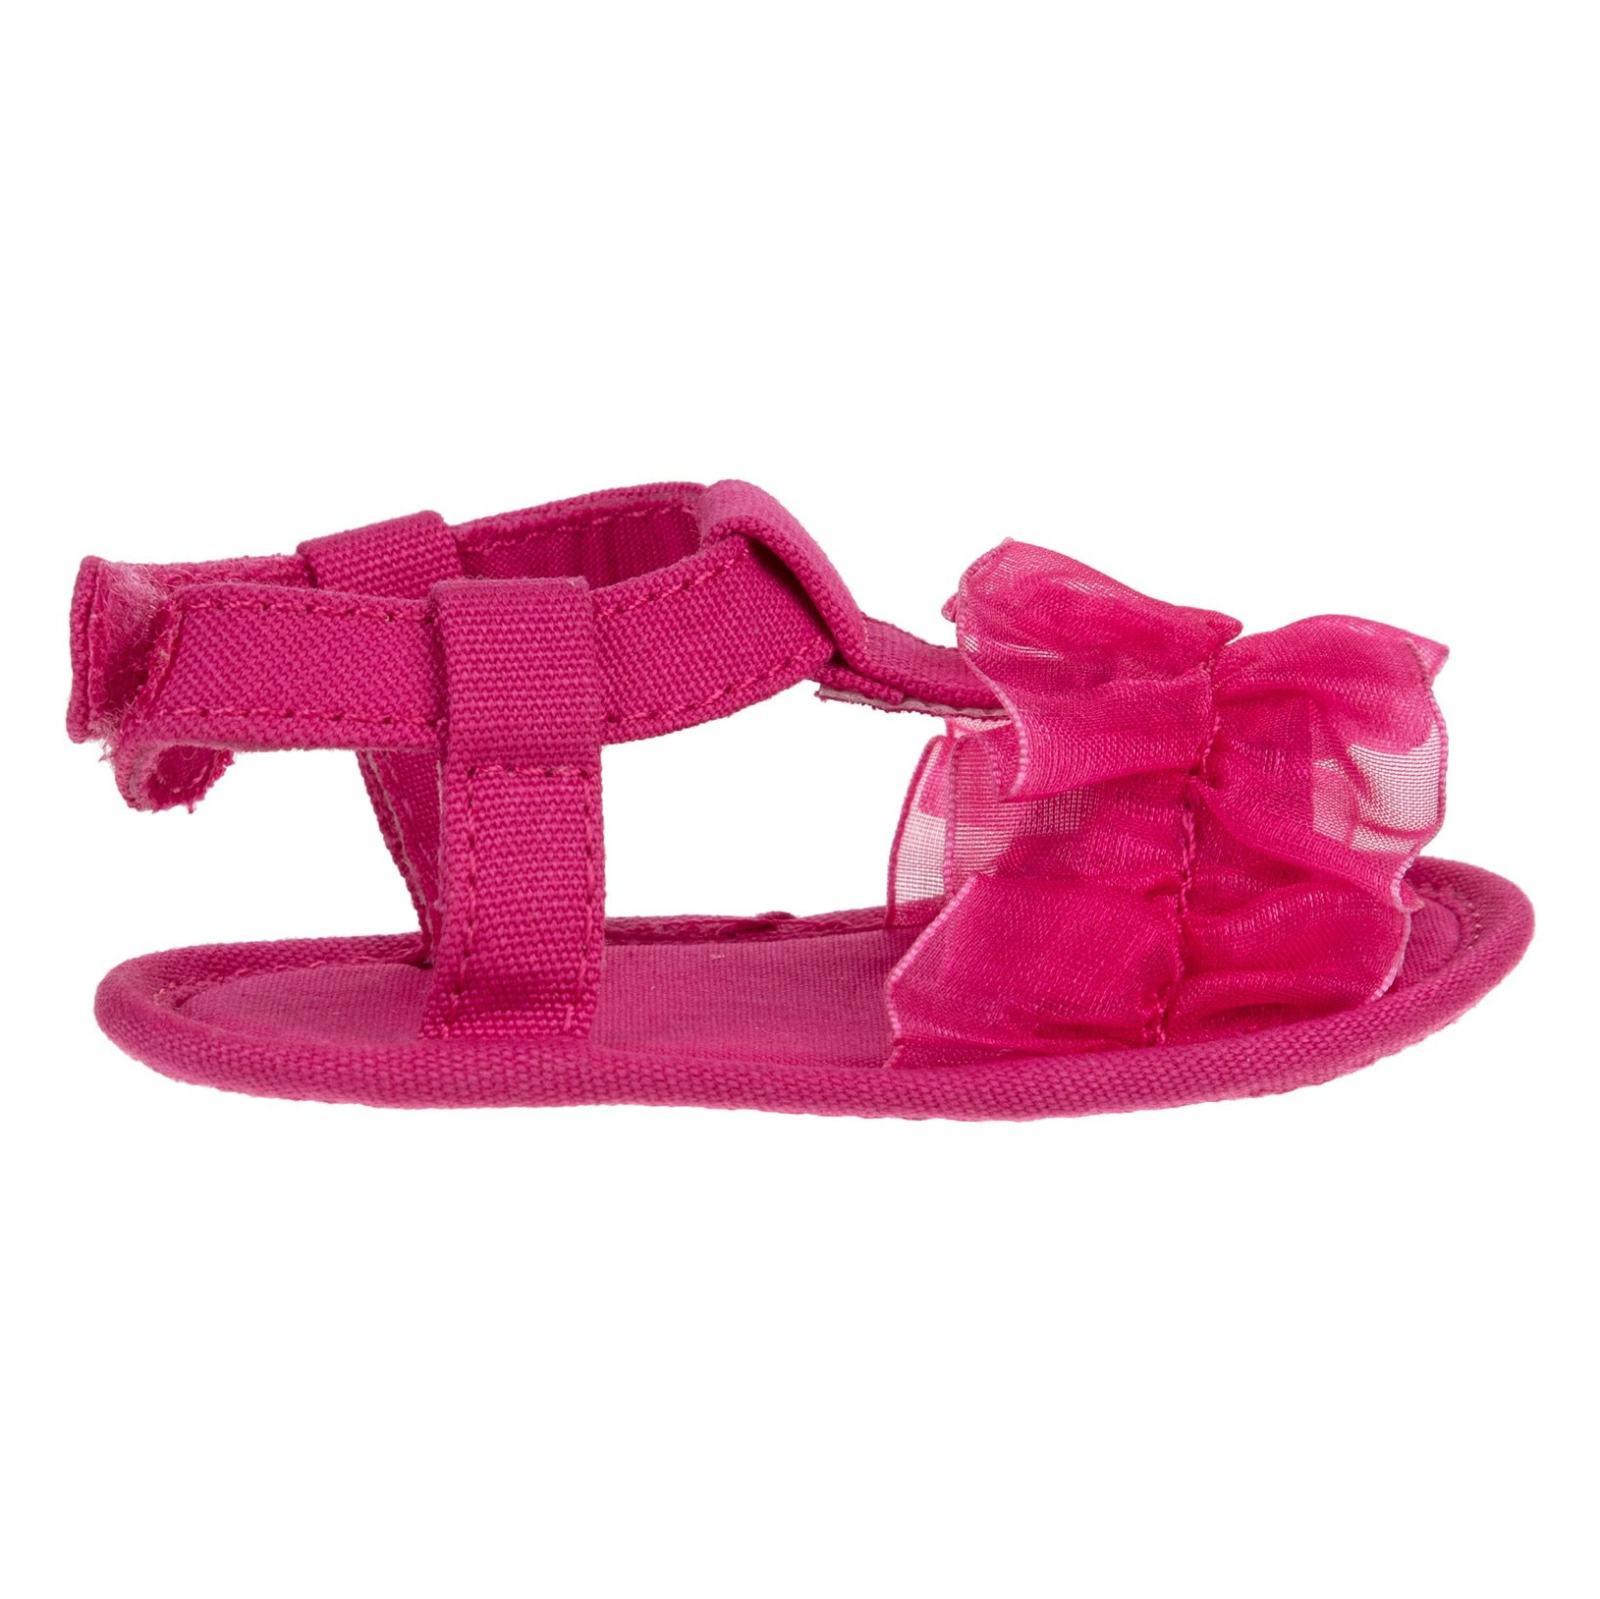 کفش چسبی نوزادی دخترانه - بلوکیدز - صورتی - 1